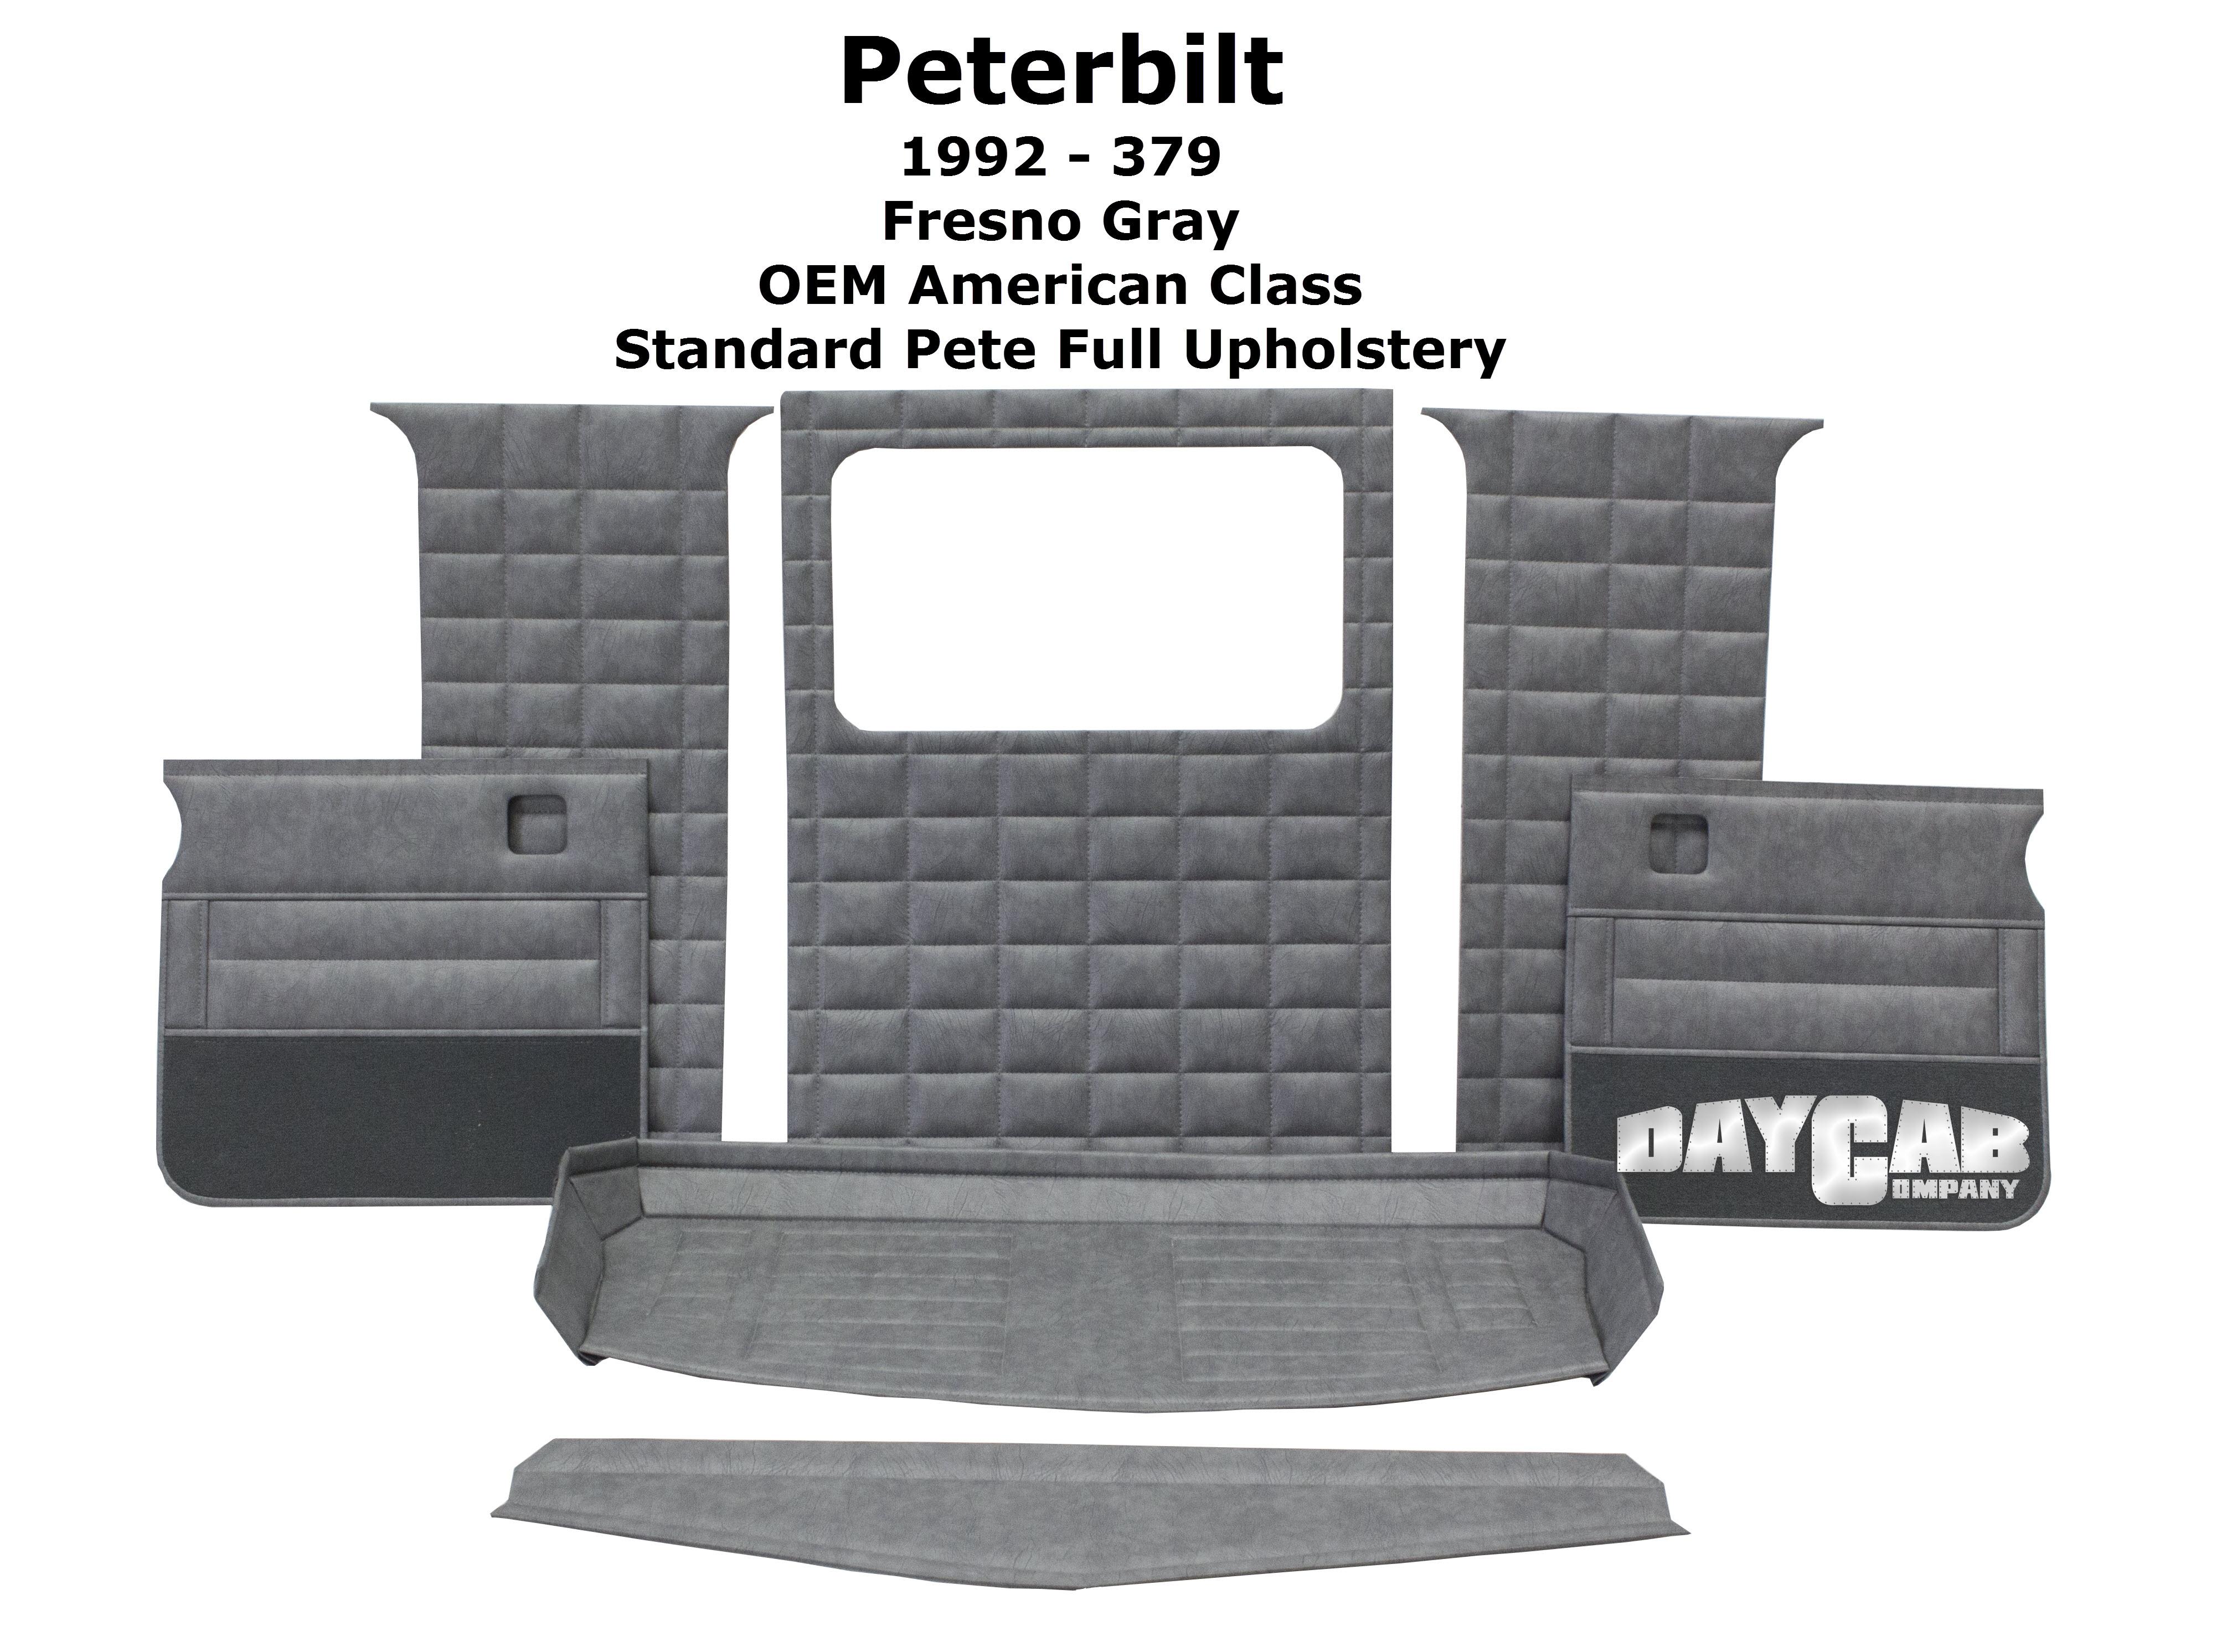 Peterbilt 1992 Standard Full Upholstery